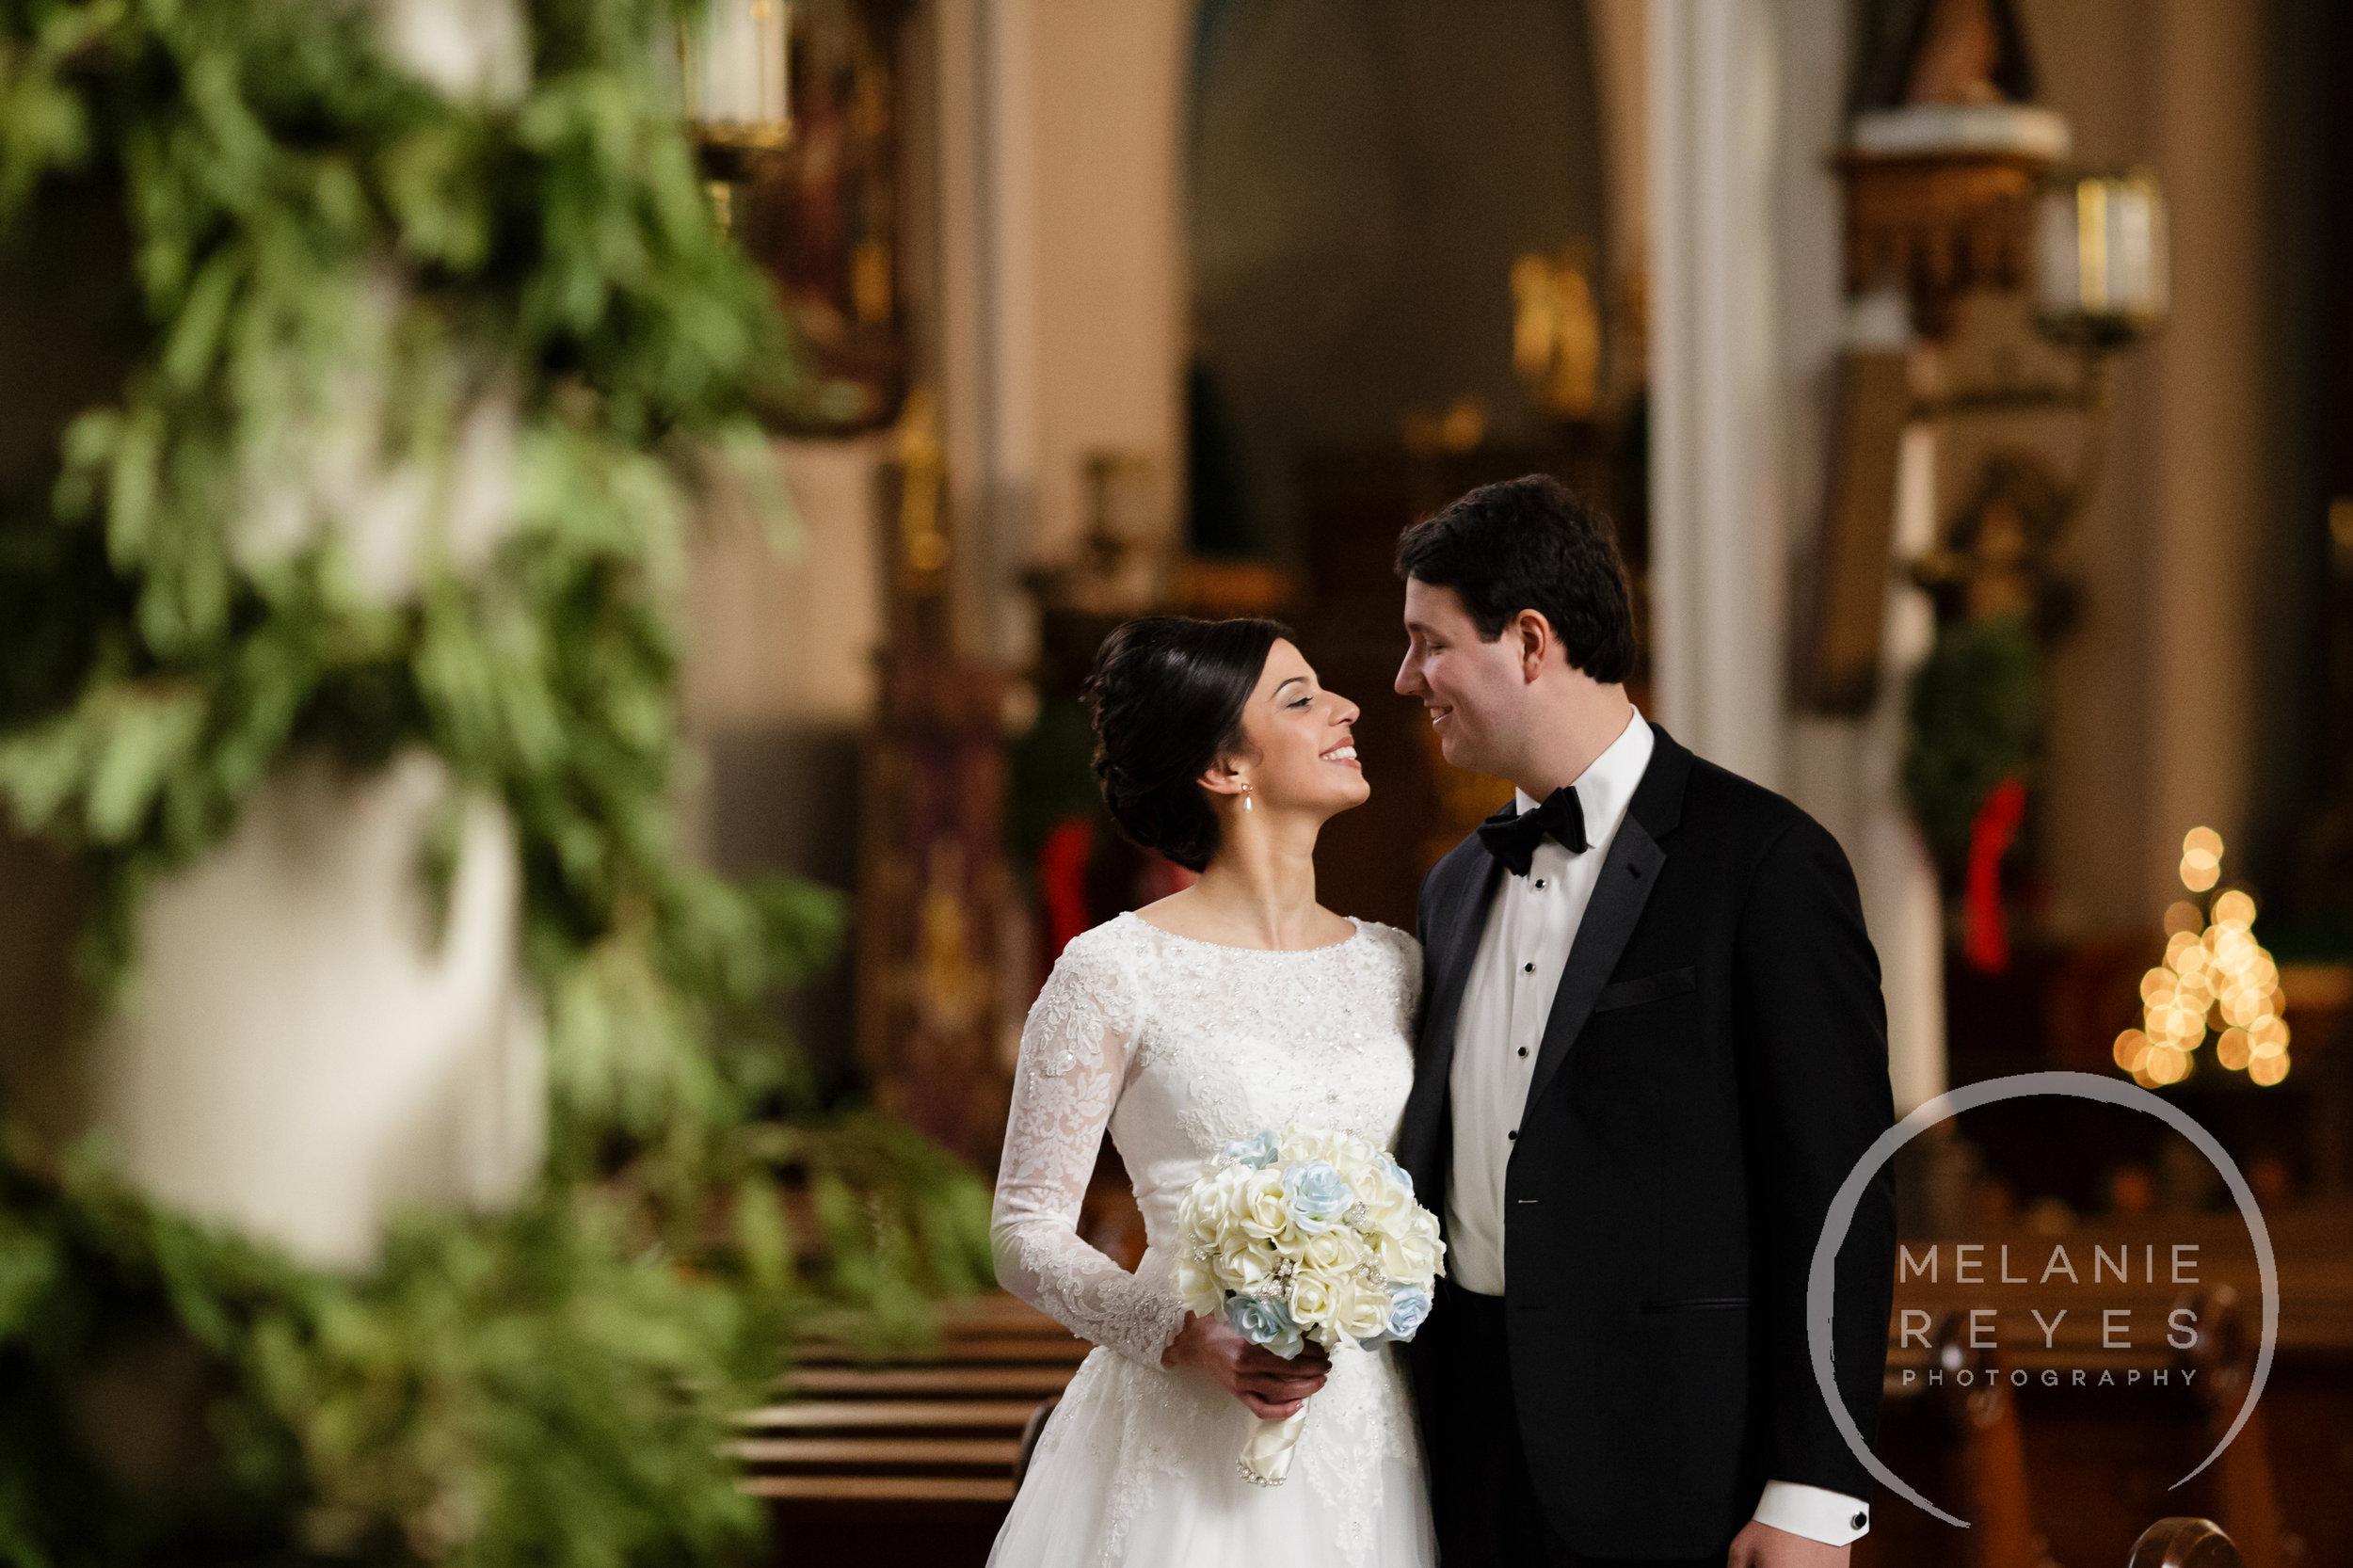 detroit_wedding-first_look_melanie-reyes-7.jpg